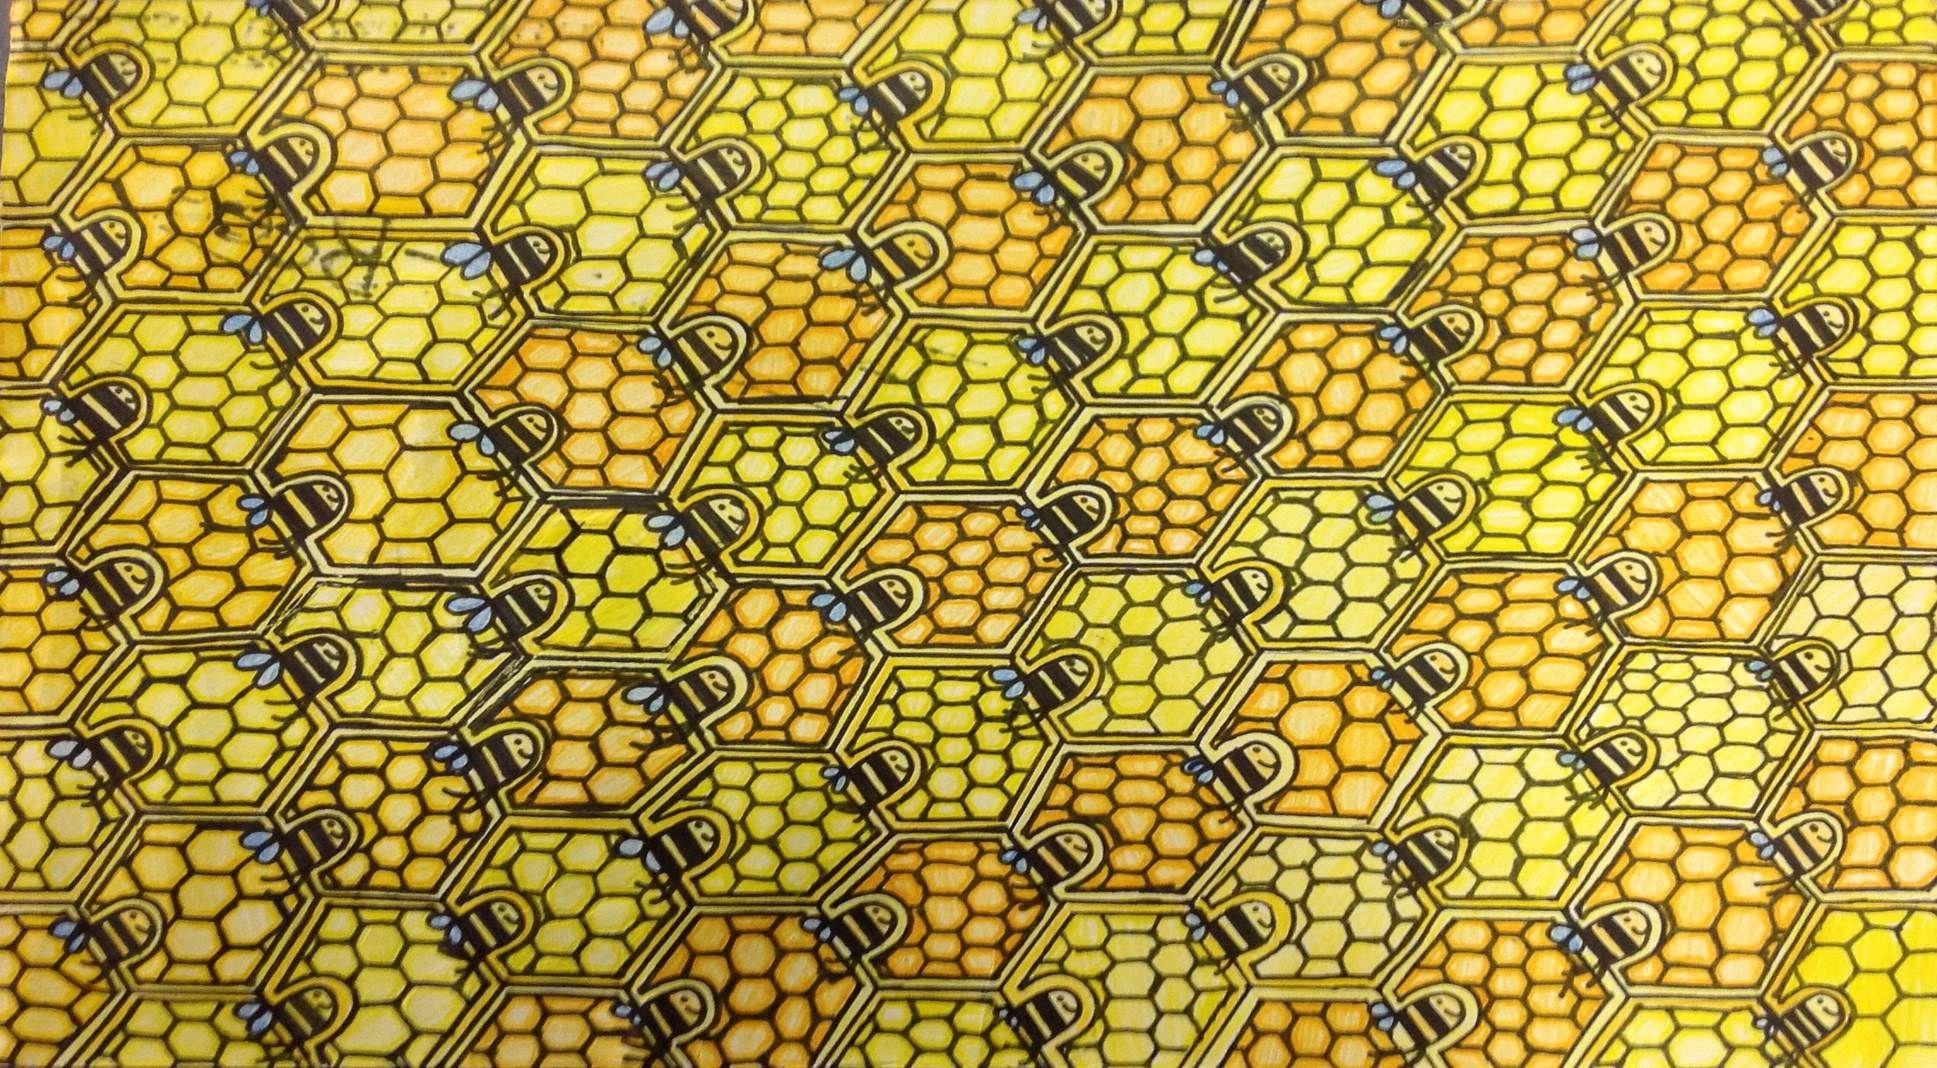 Tessellation Artwork Inspired By Escher